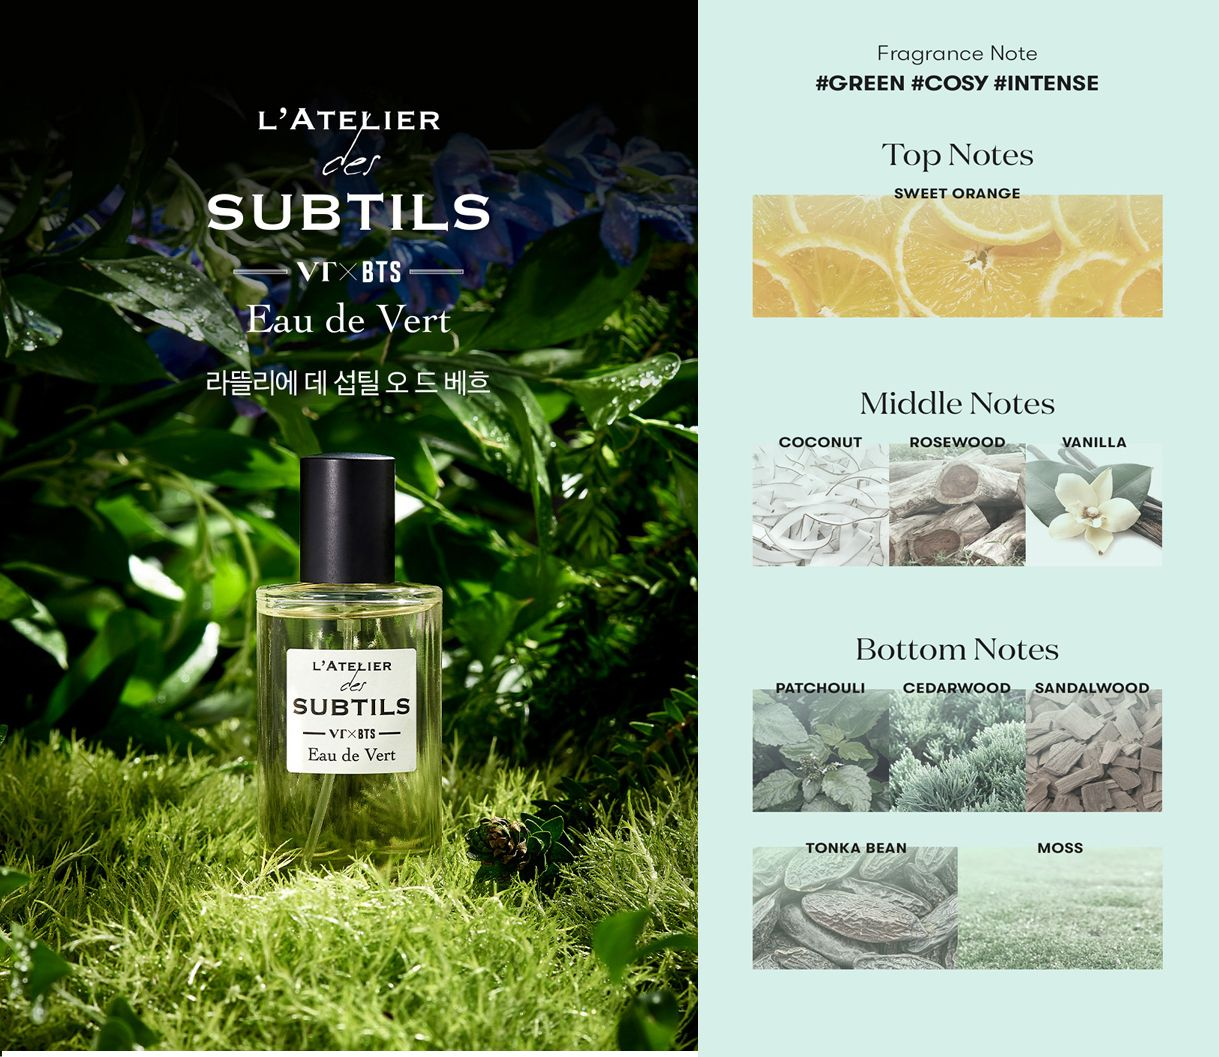 Chez SubtilsEn Bts Parfums Vente Sephora Des L'atelier France cF1JTluK3